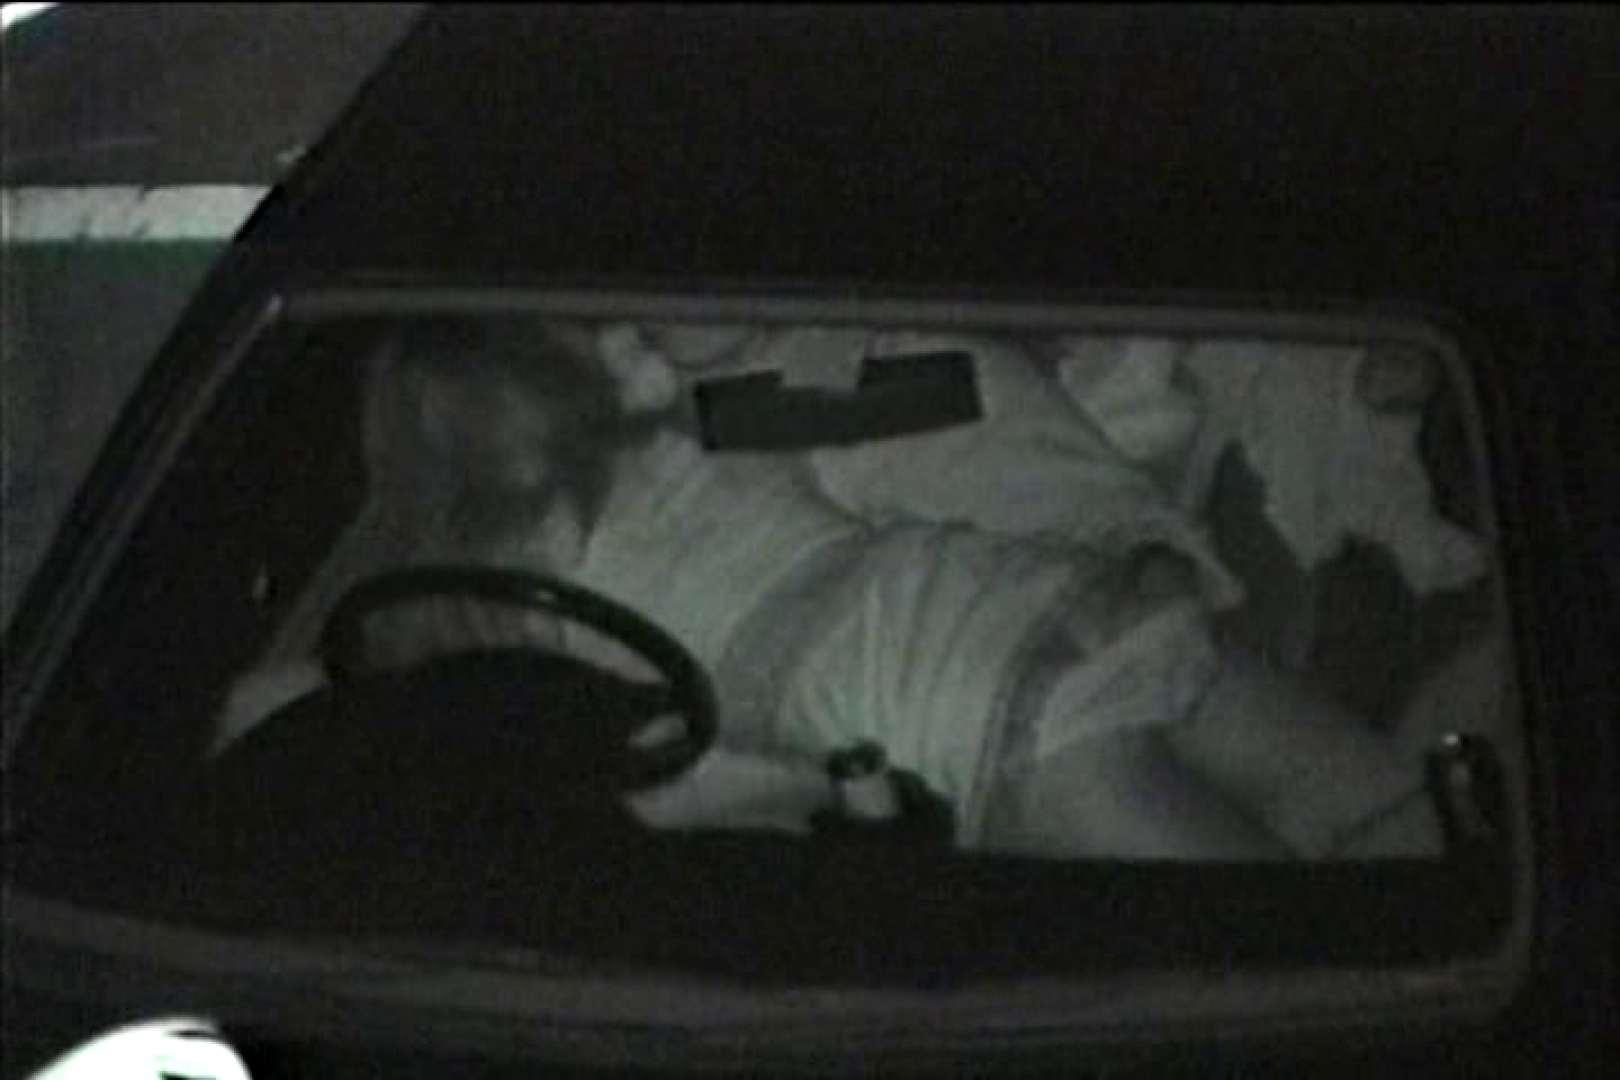 車の中はラブホテル 無修正版  Vol.7 車の中のカップル セックス無修正動画無料 59画像 52